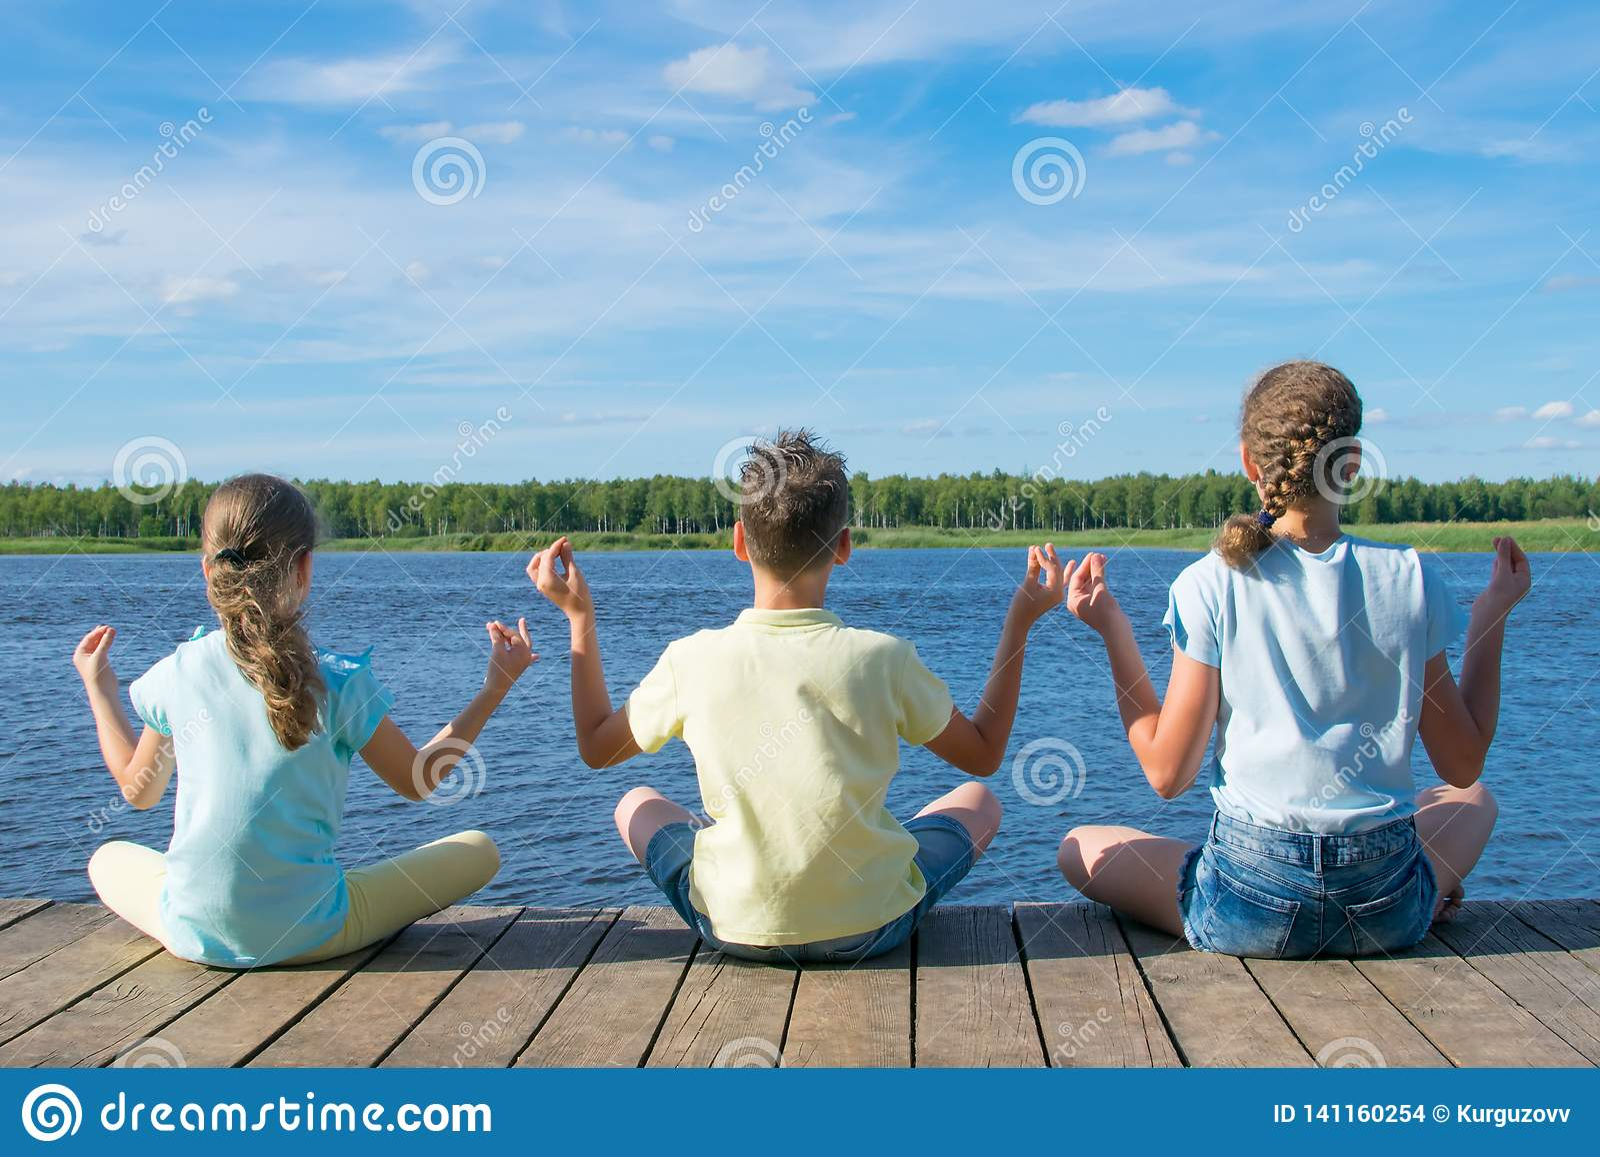 In openlucht, op de pijler, dichtbij het water, zijn de kinderen bezig geweest met ontspanning in de vorm van yoga